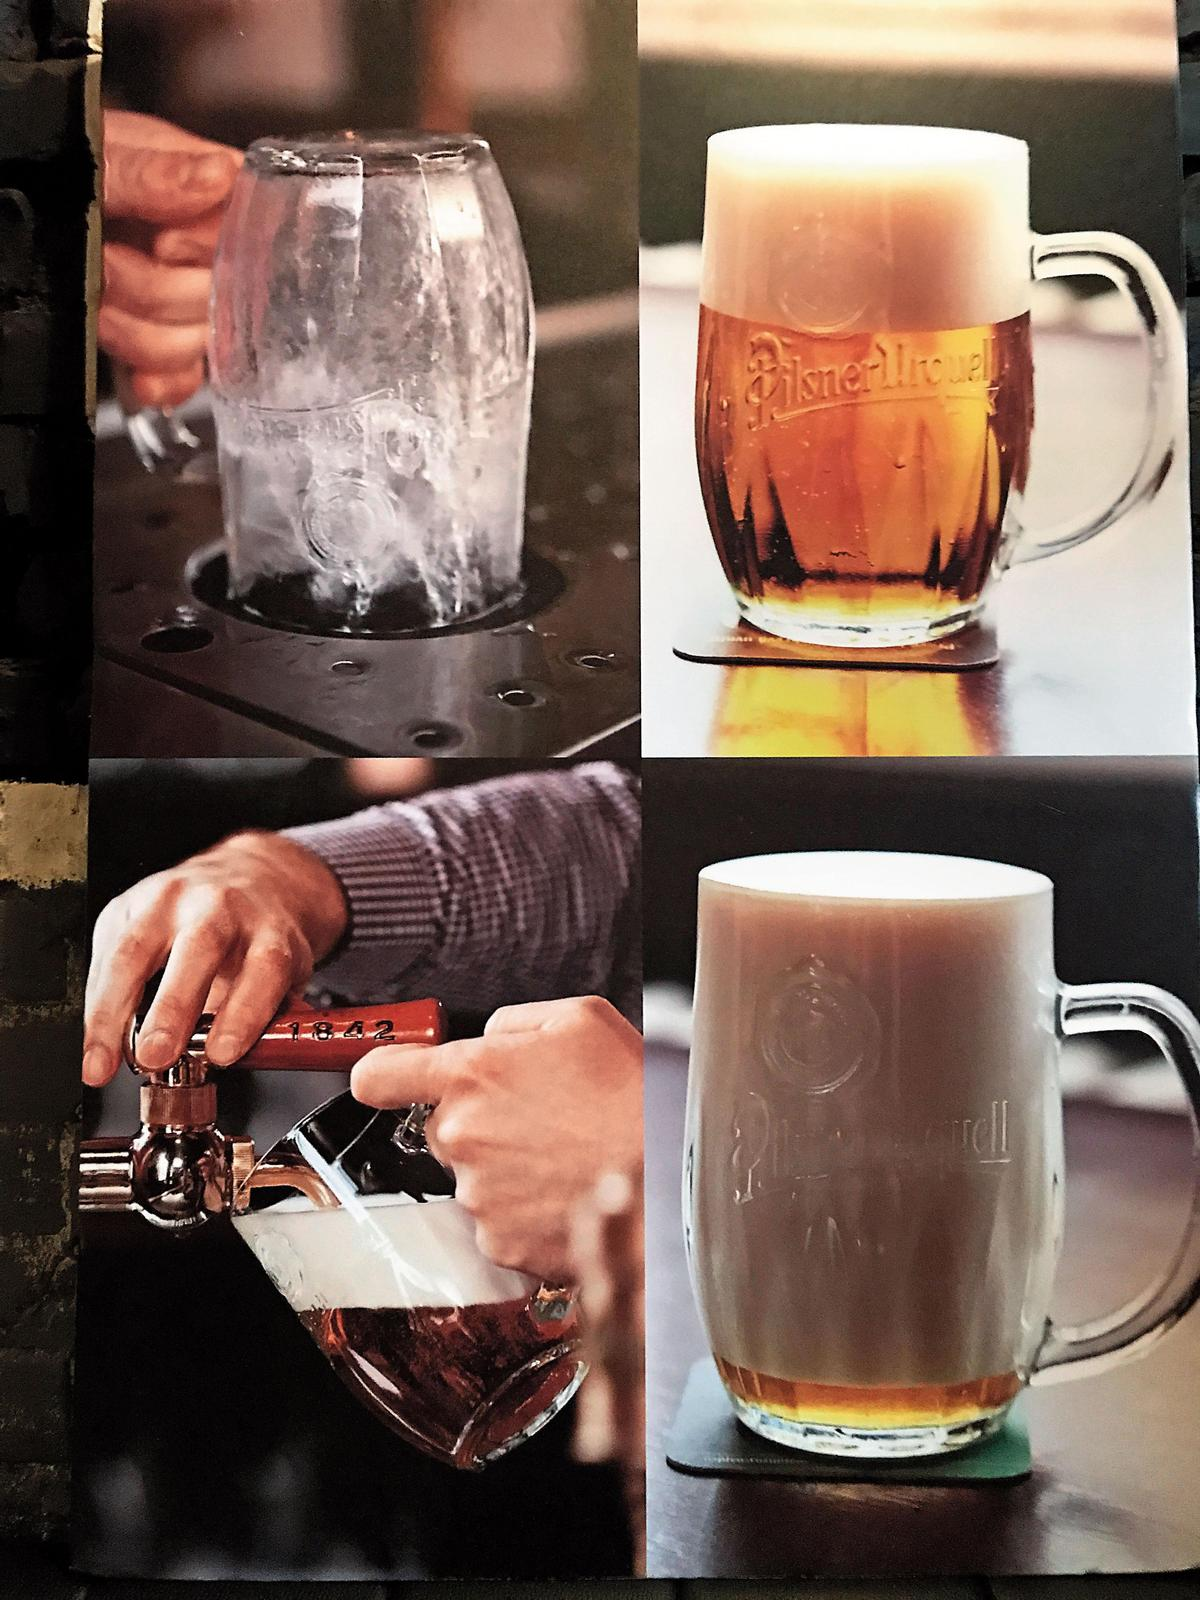 拉格啤酒顏色大多為金黃色、泡沫綿密,口感較為乾爽。圖為能夠拉出完美泡沫的皮爾森歐克生啤酒。